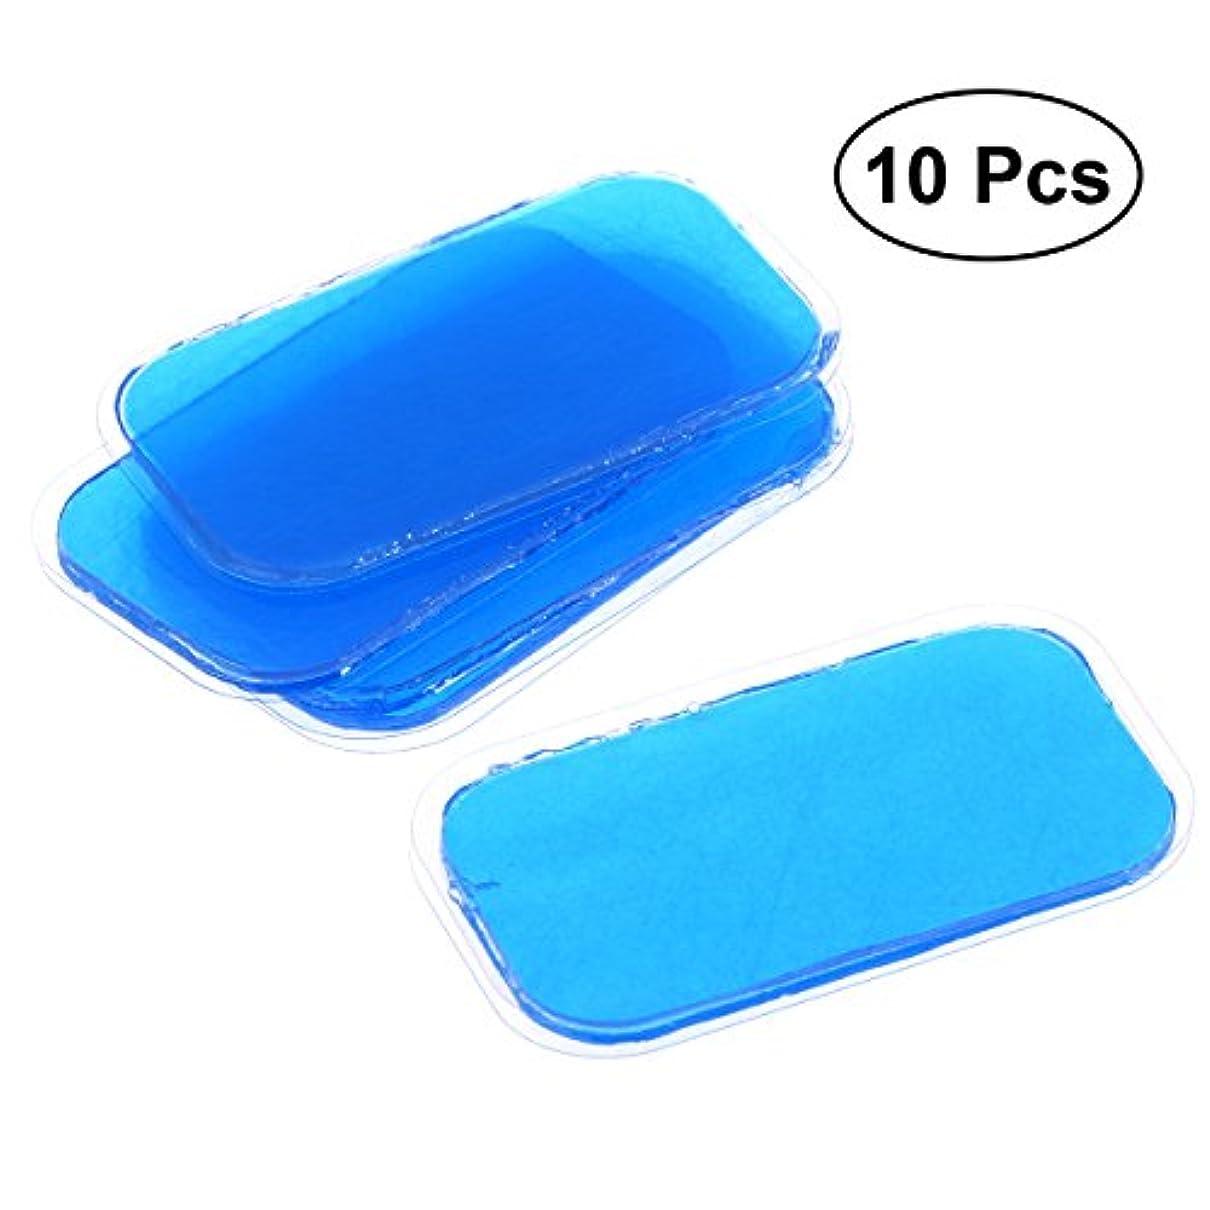 筋より良いクッションROSENICE 体フィットゲルシートゲルパッチフィットネス用スーパー接着剤刺激ゲル10個